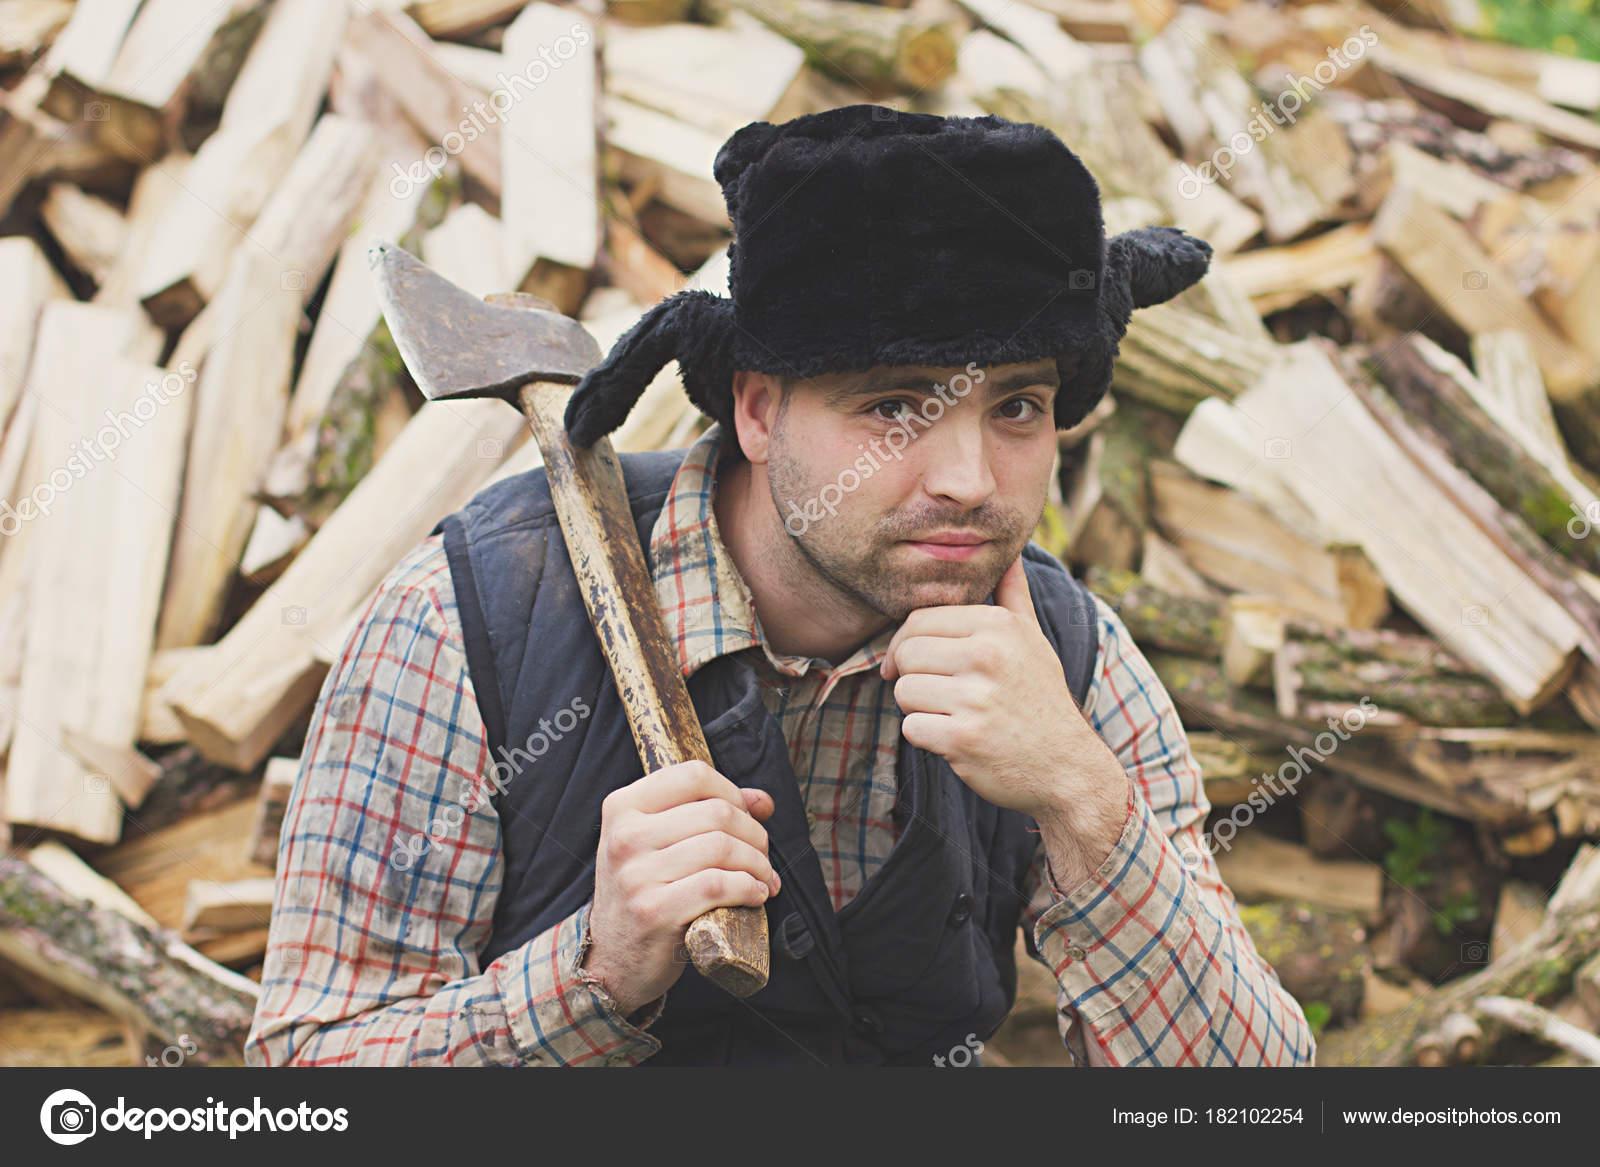 leñador en el sombrero — Fotos de Stock © solstudio  182102254 4cea99b8567